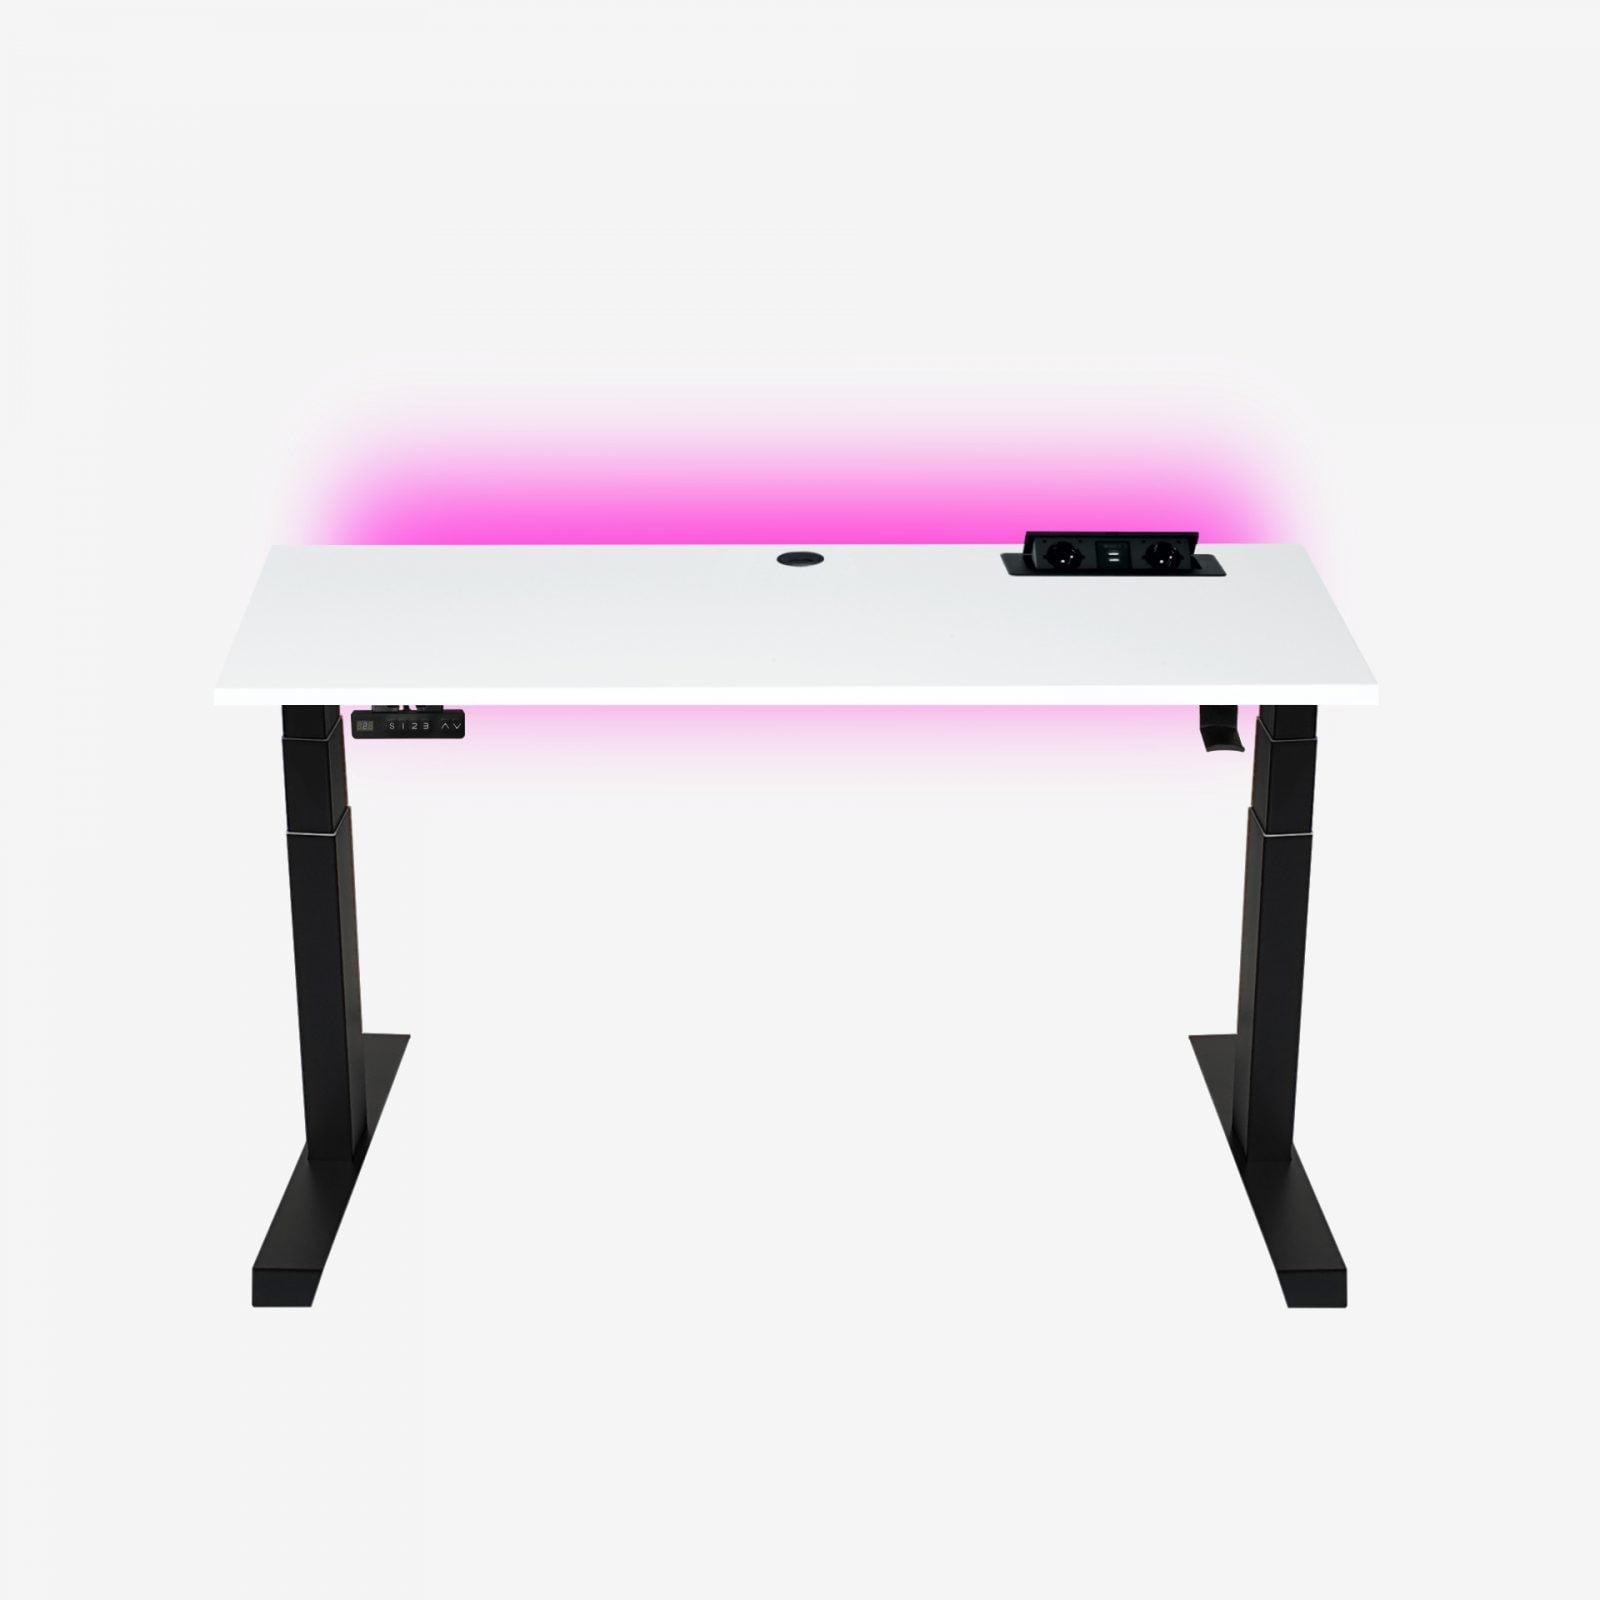 biurko z mediaportem wysokie